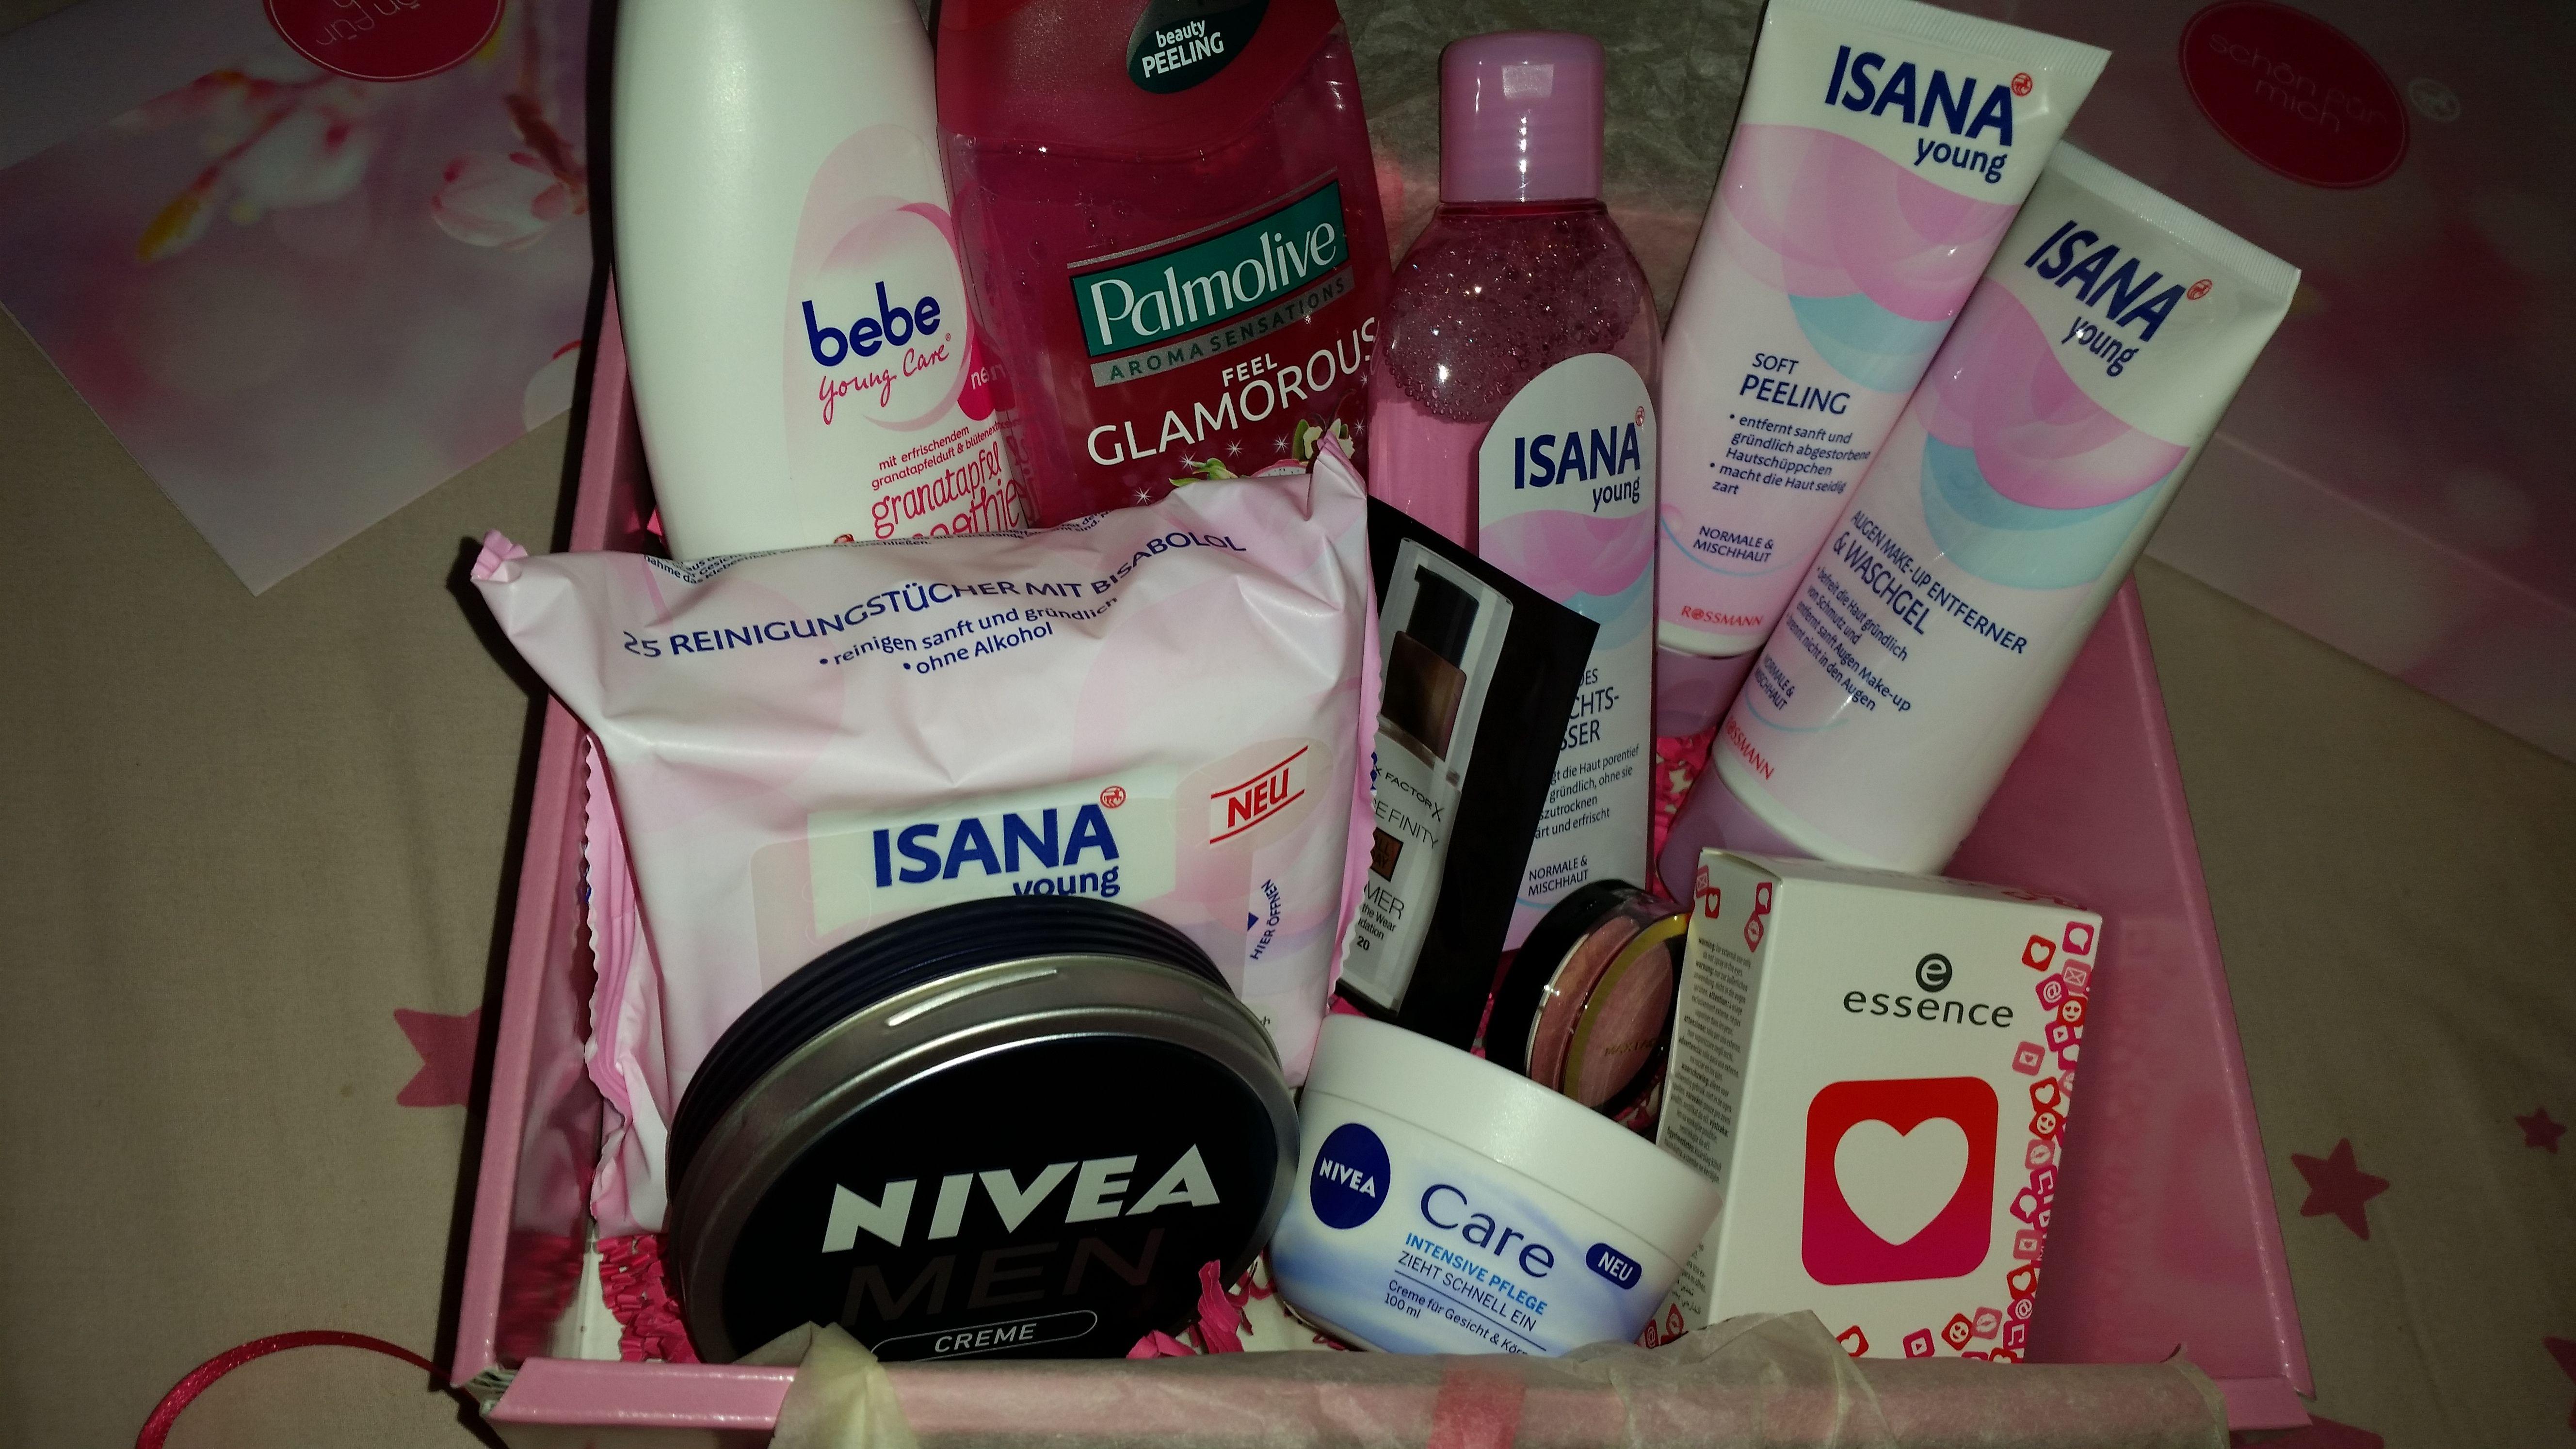 Schön für mich Box Mai waren viele Produkte der Eigenmarke ISANA dabei!